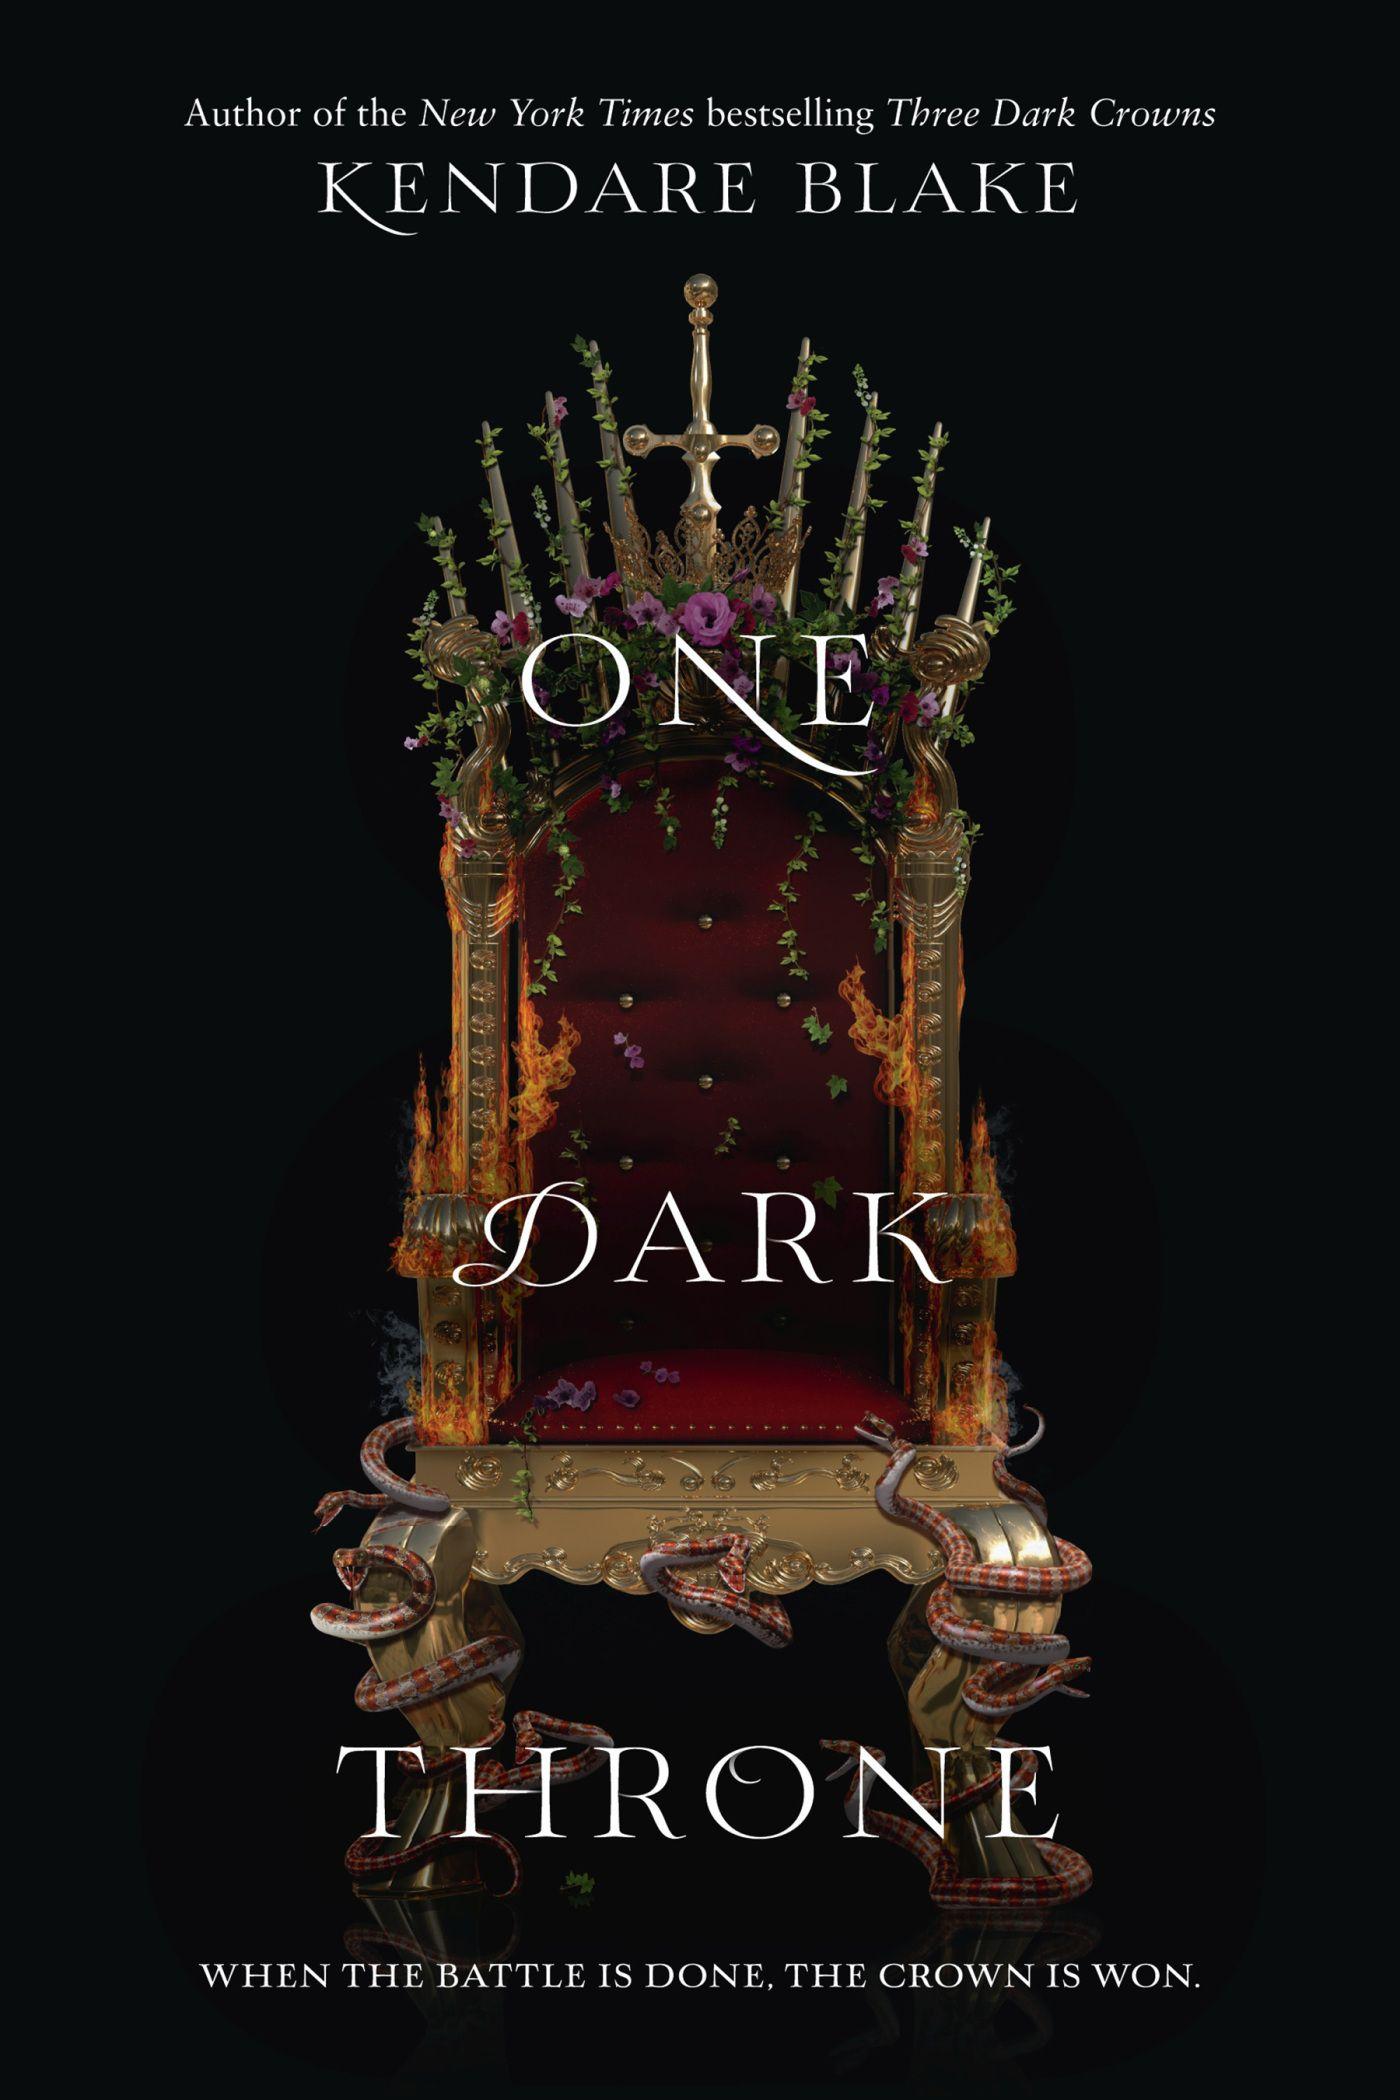 DOWNLOAD PDF: One Dark Throne by Kendare Blake